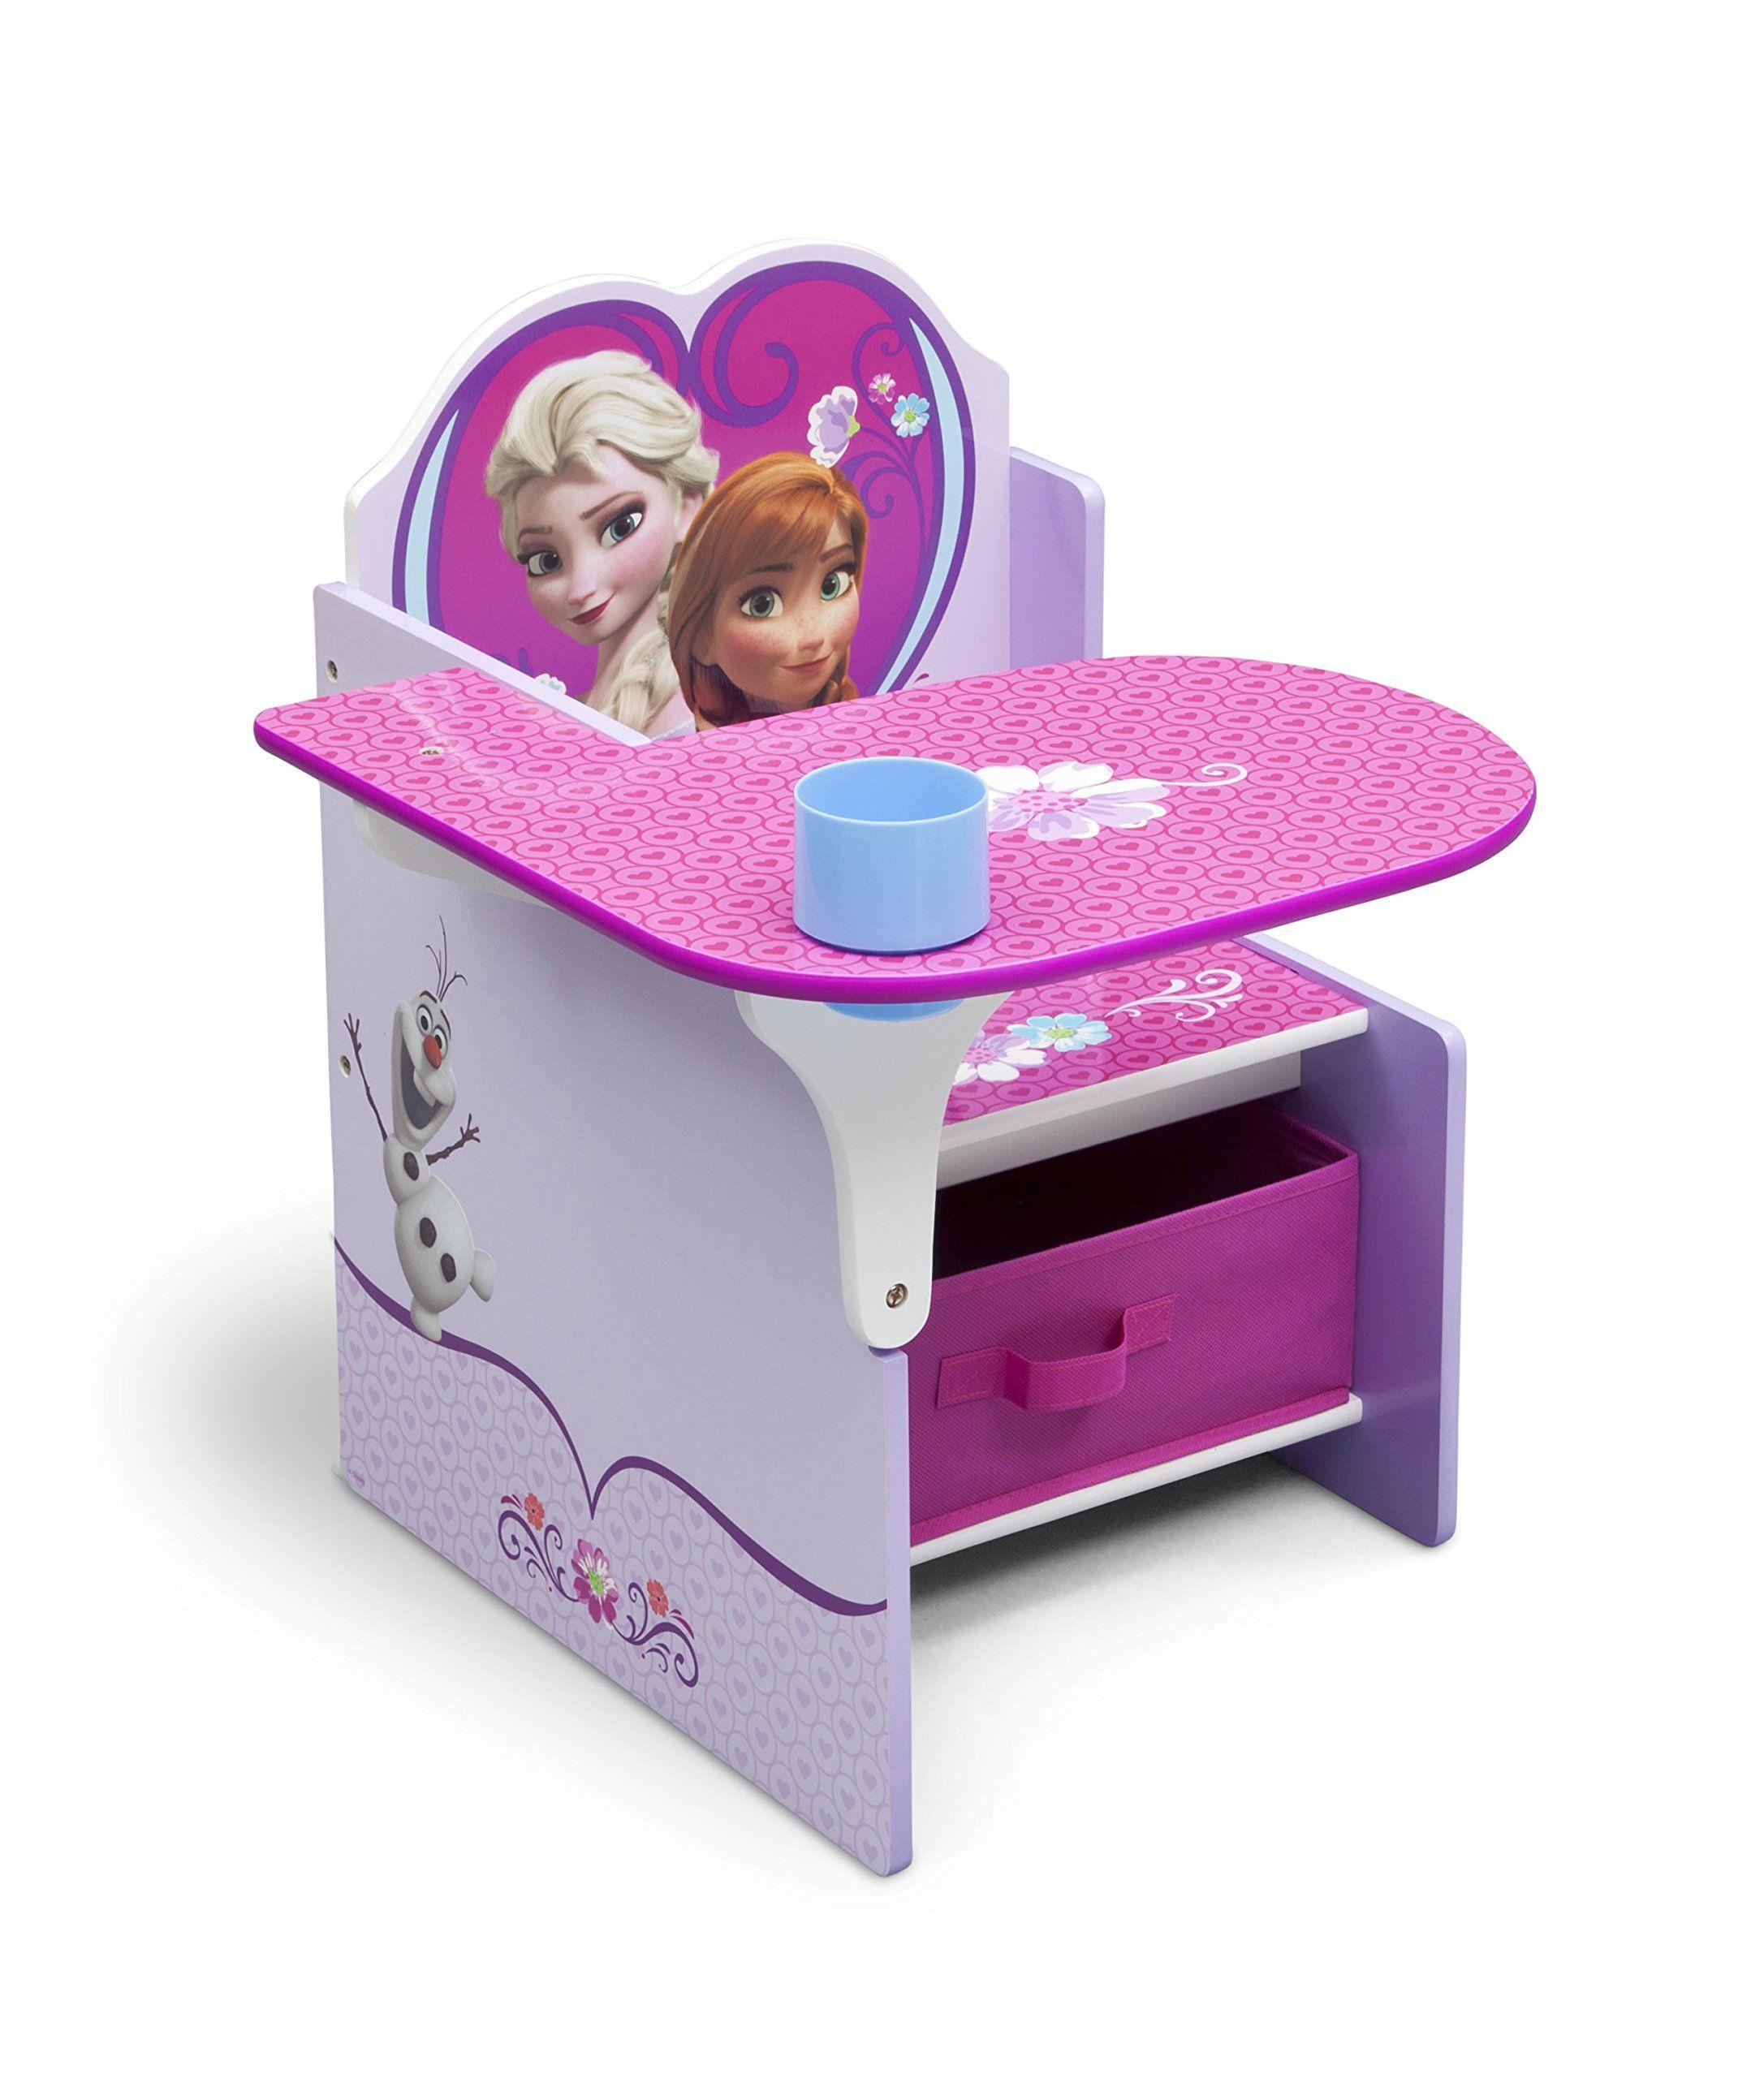 Amazon Com Delta Children Chair Desk With Storage Bin Disney Frozen Baby Giftryapp Kids Storage Units Kids Chairs Kids Playroom Furniture